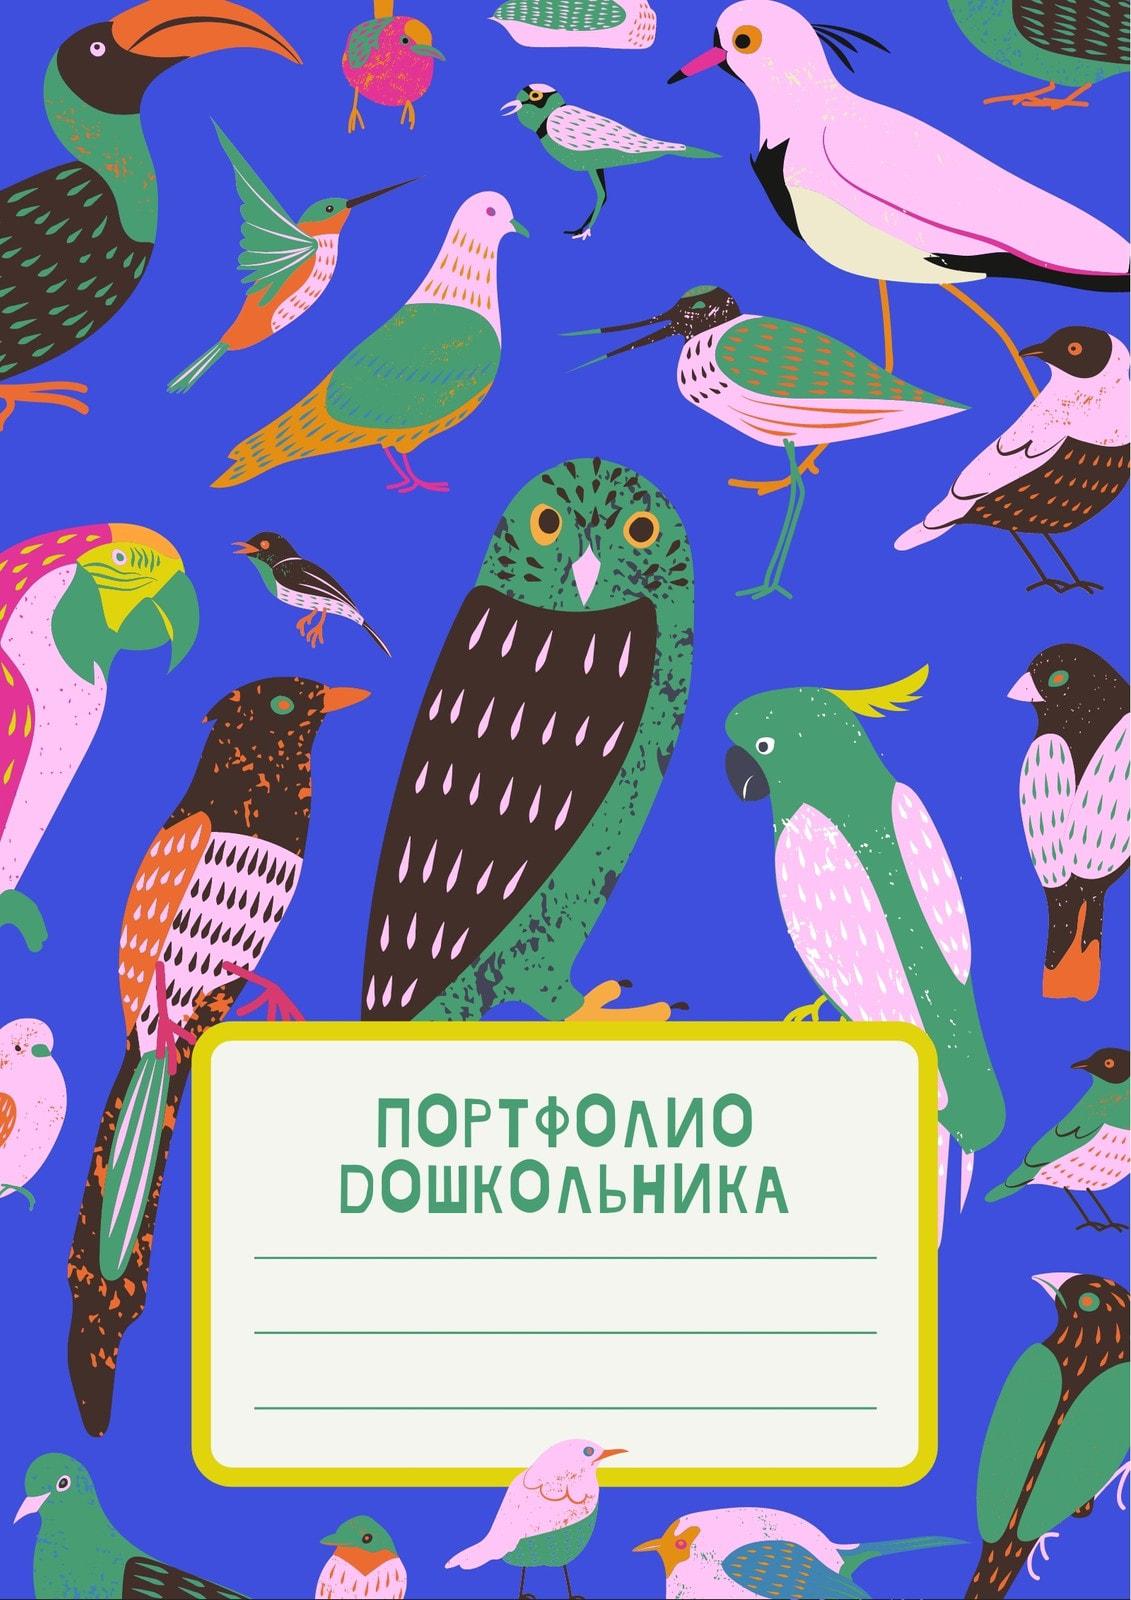 Цветное портфолио дошкольника с рисунками птиц